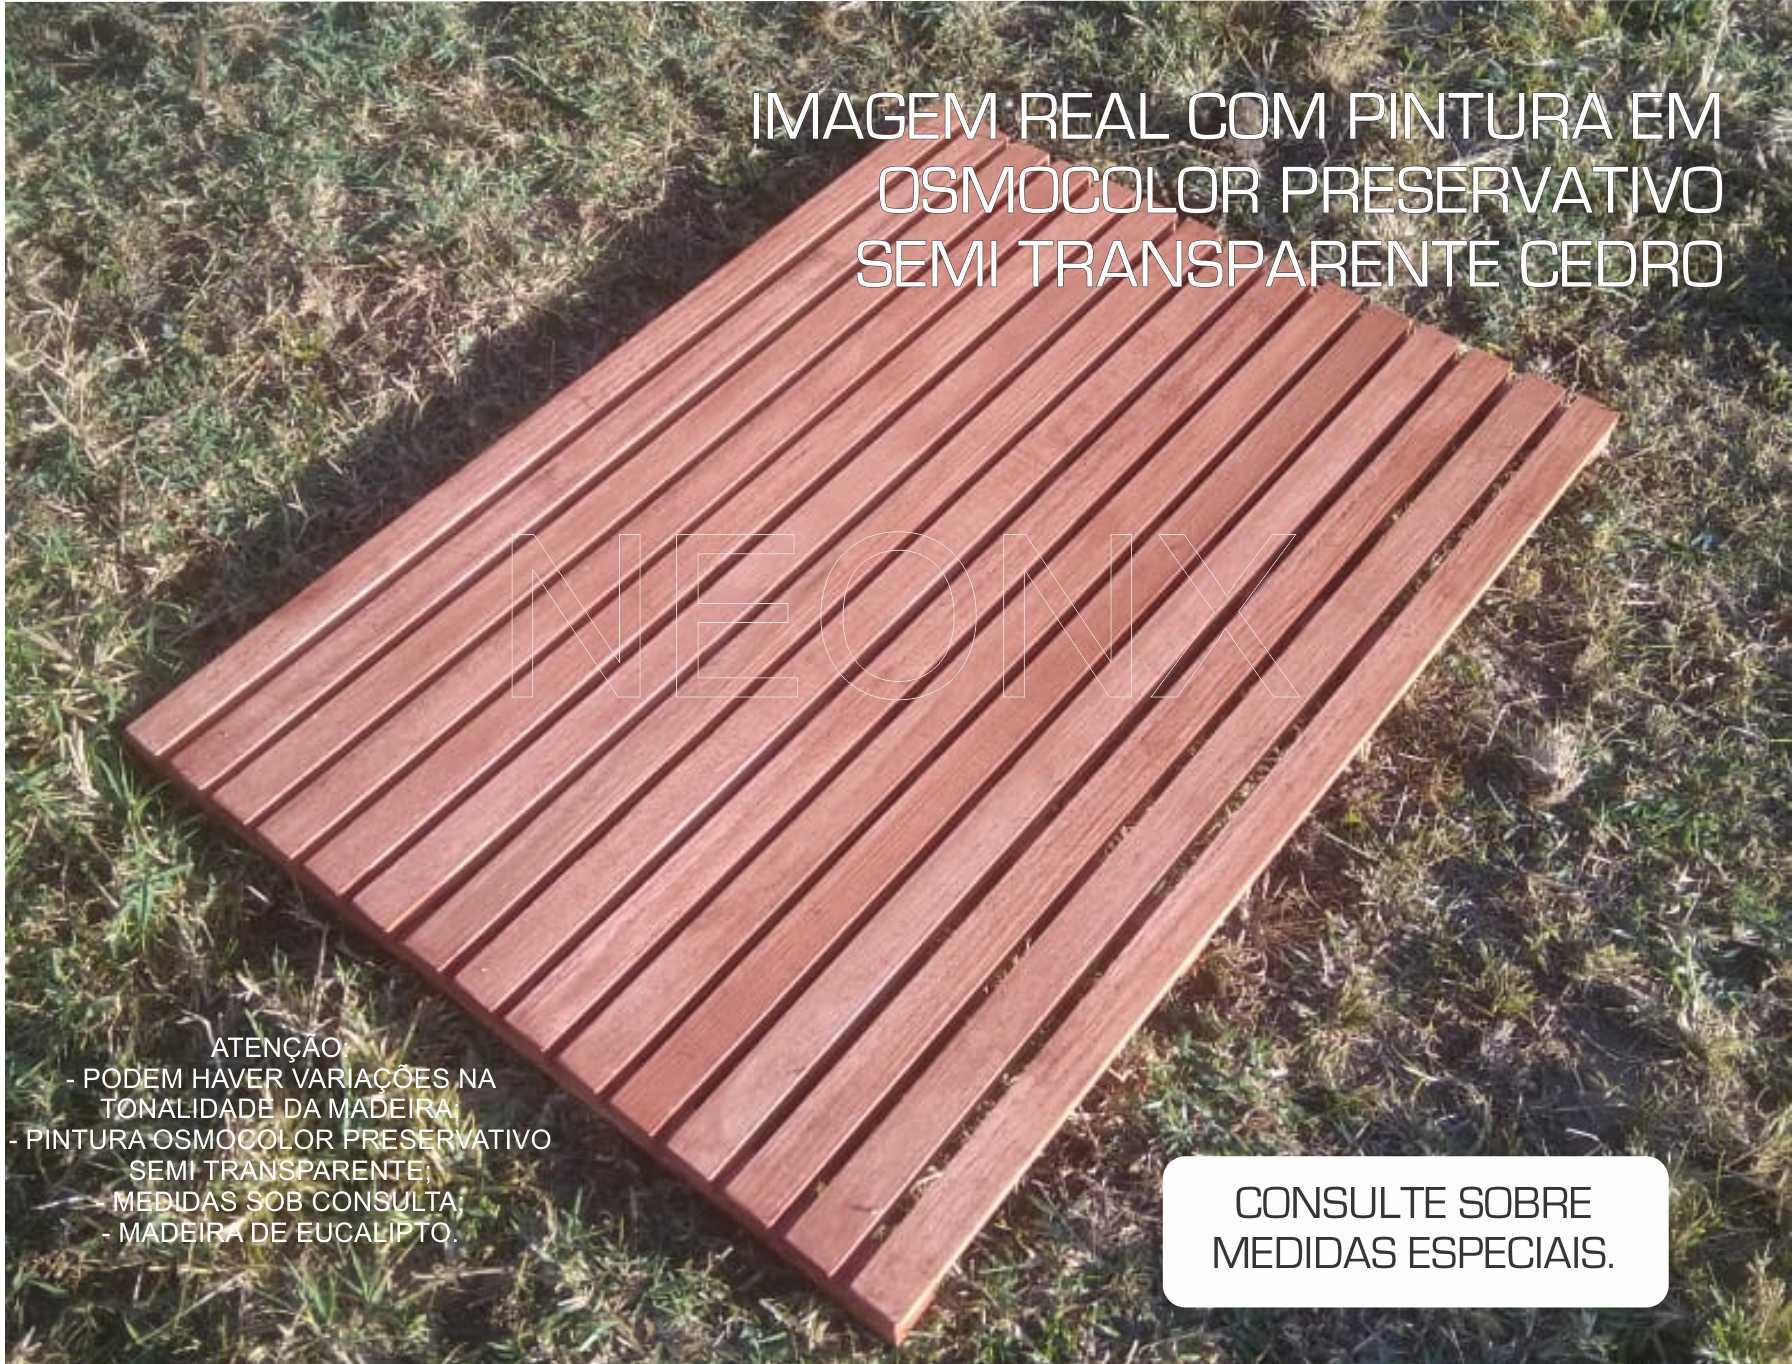 Deck De Madeira Chuveiro Box Banheiro Capacho 97x76 cm Lixado Neonx